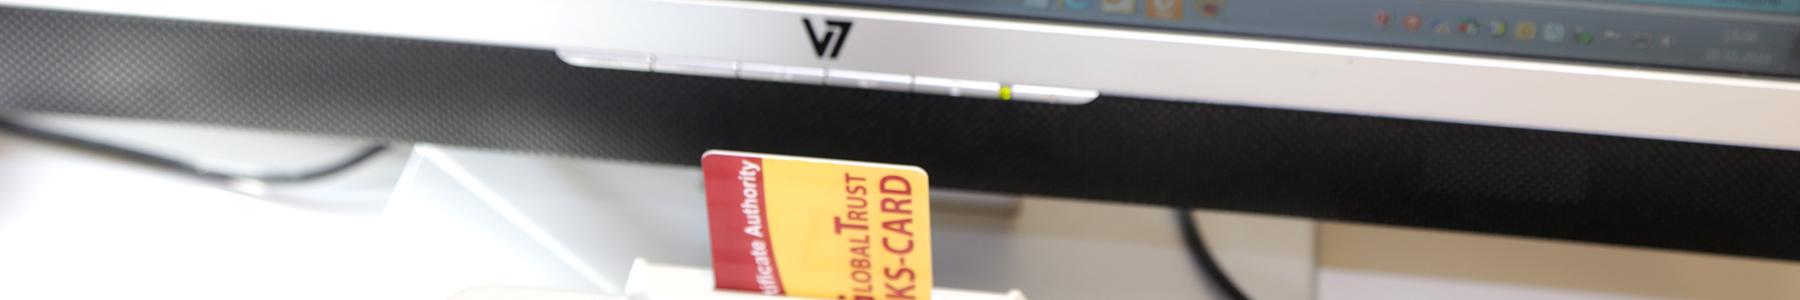 waldsoft Hardware